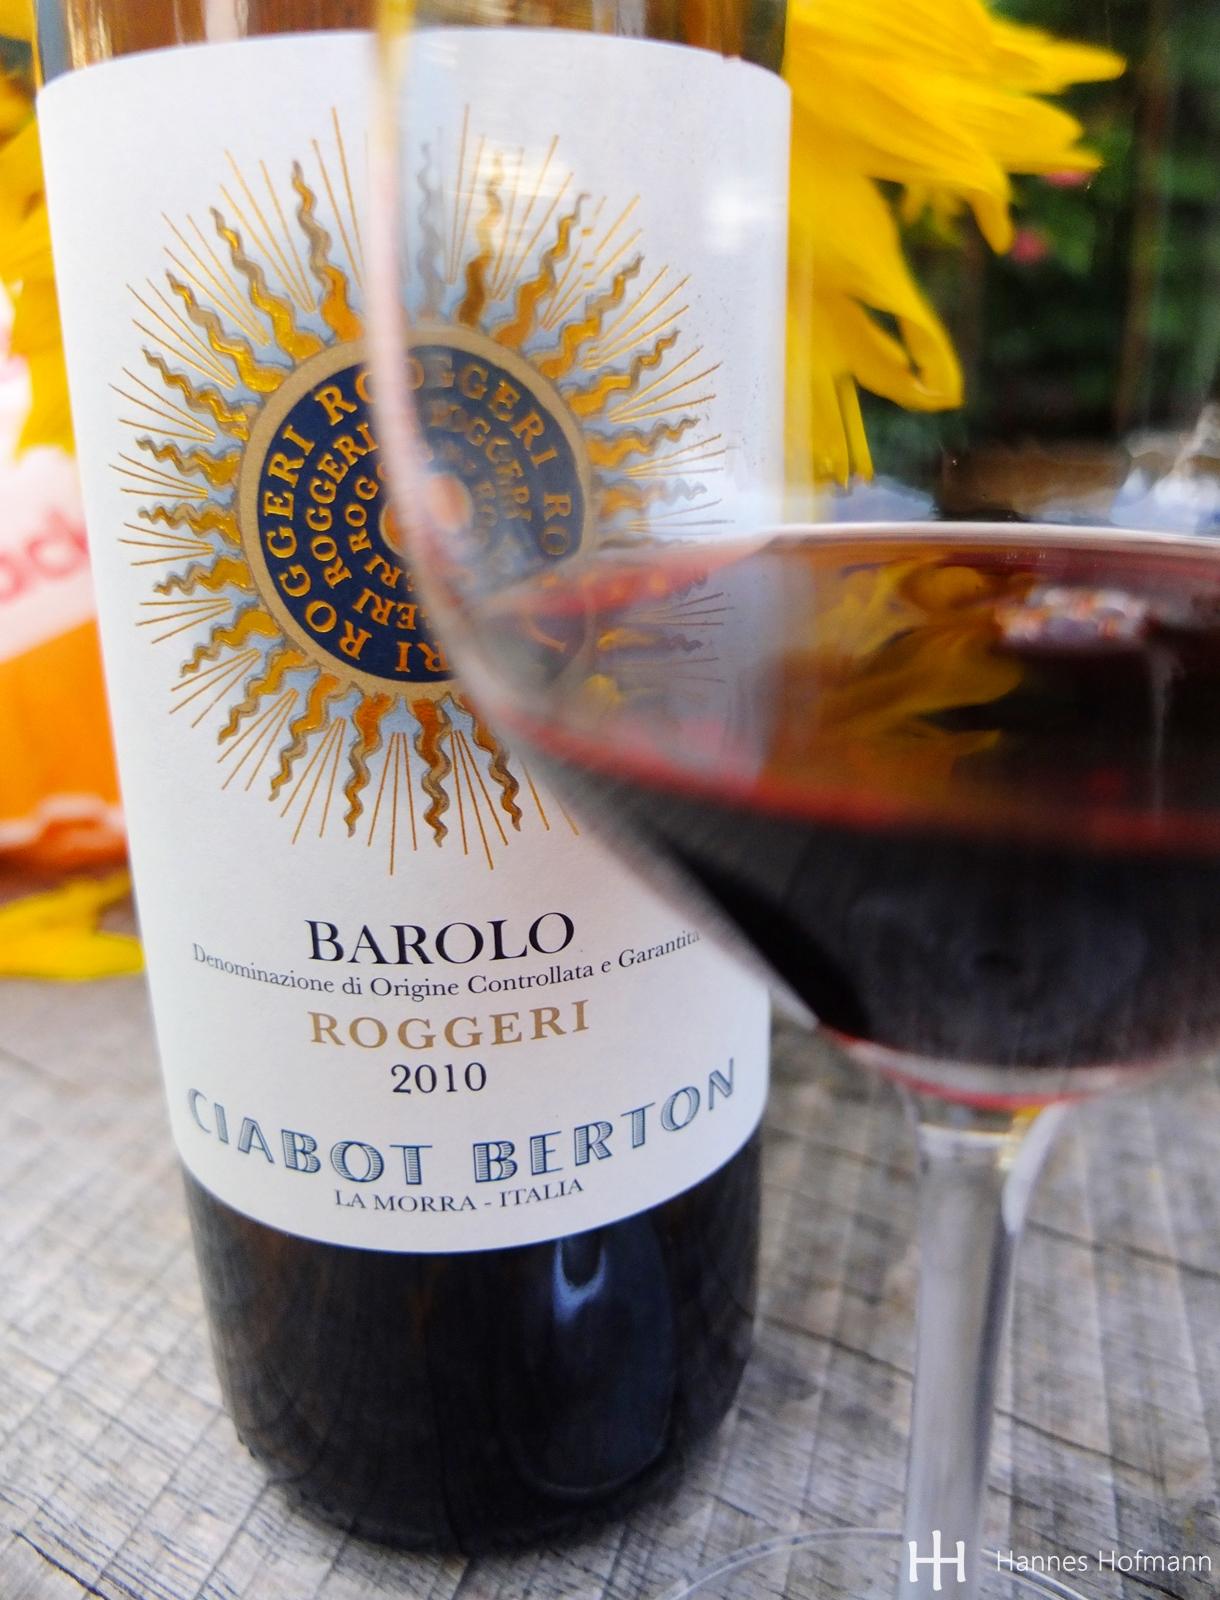 Ciabot Berton - Roggeri Barolo 2010 - La Morra - Piemont